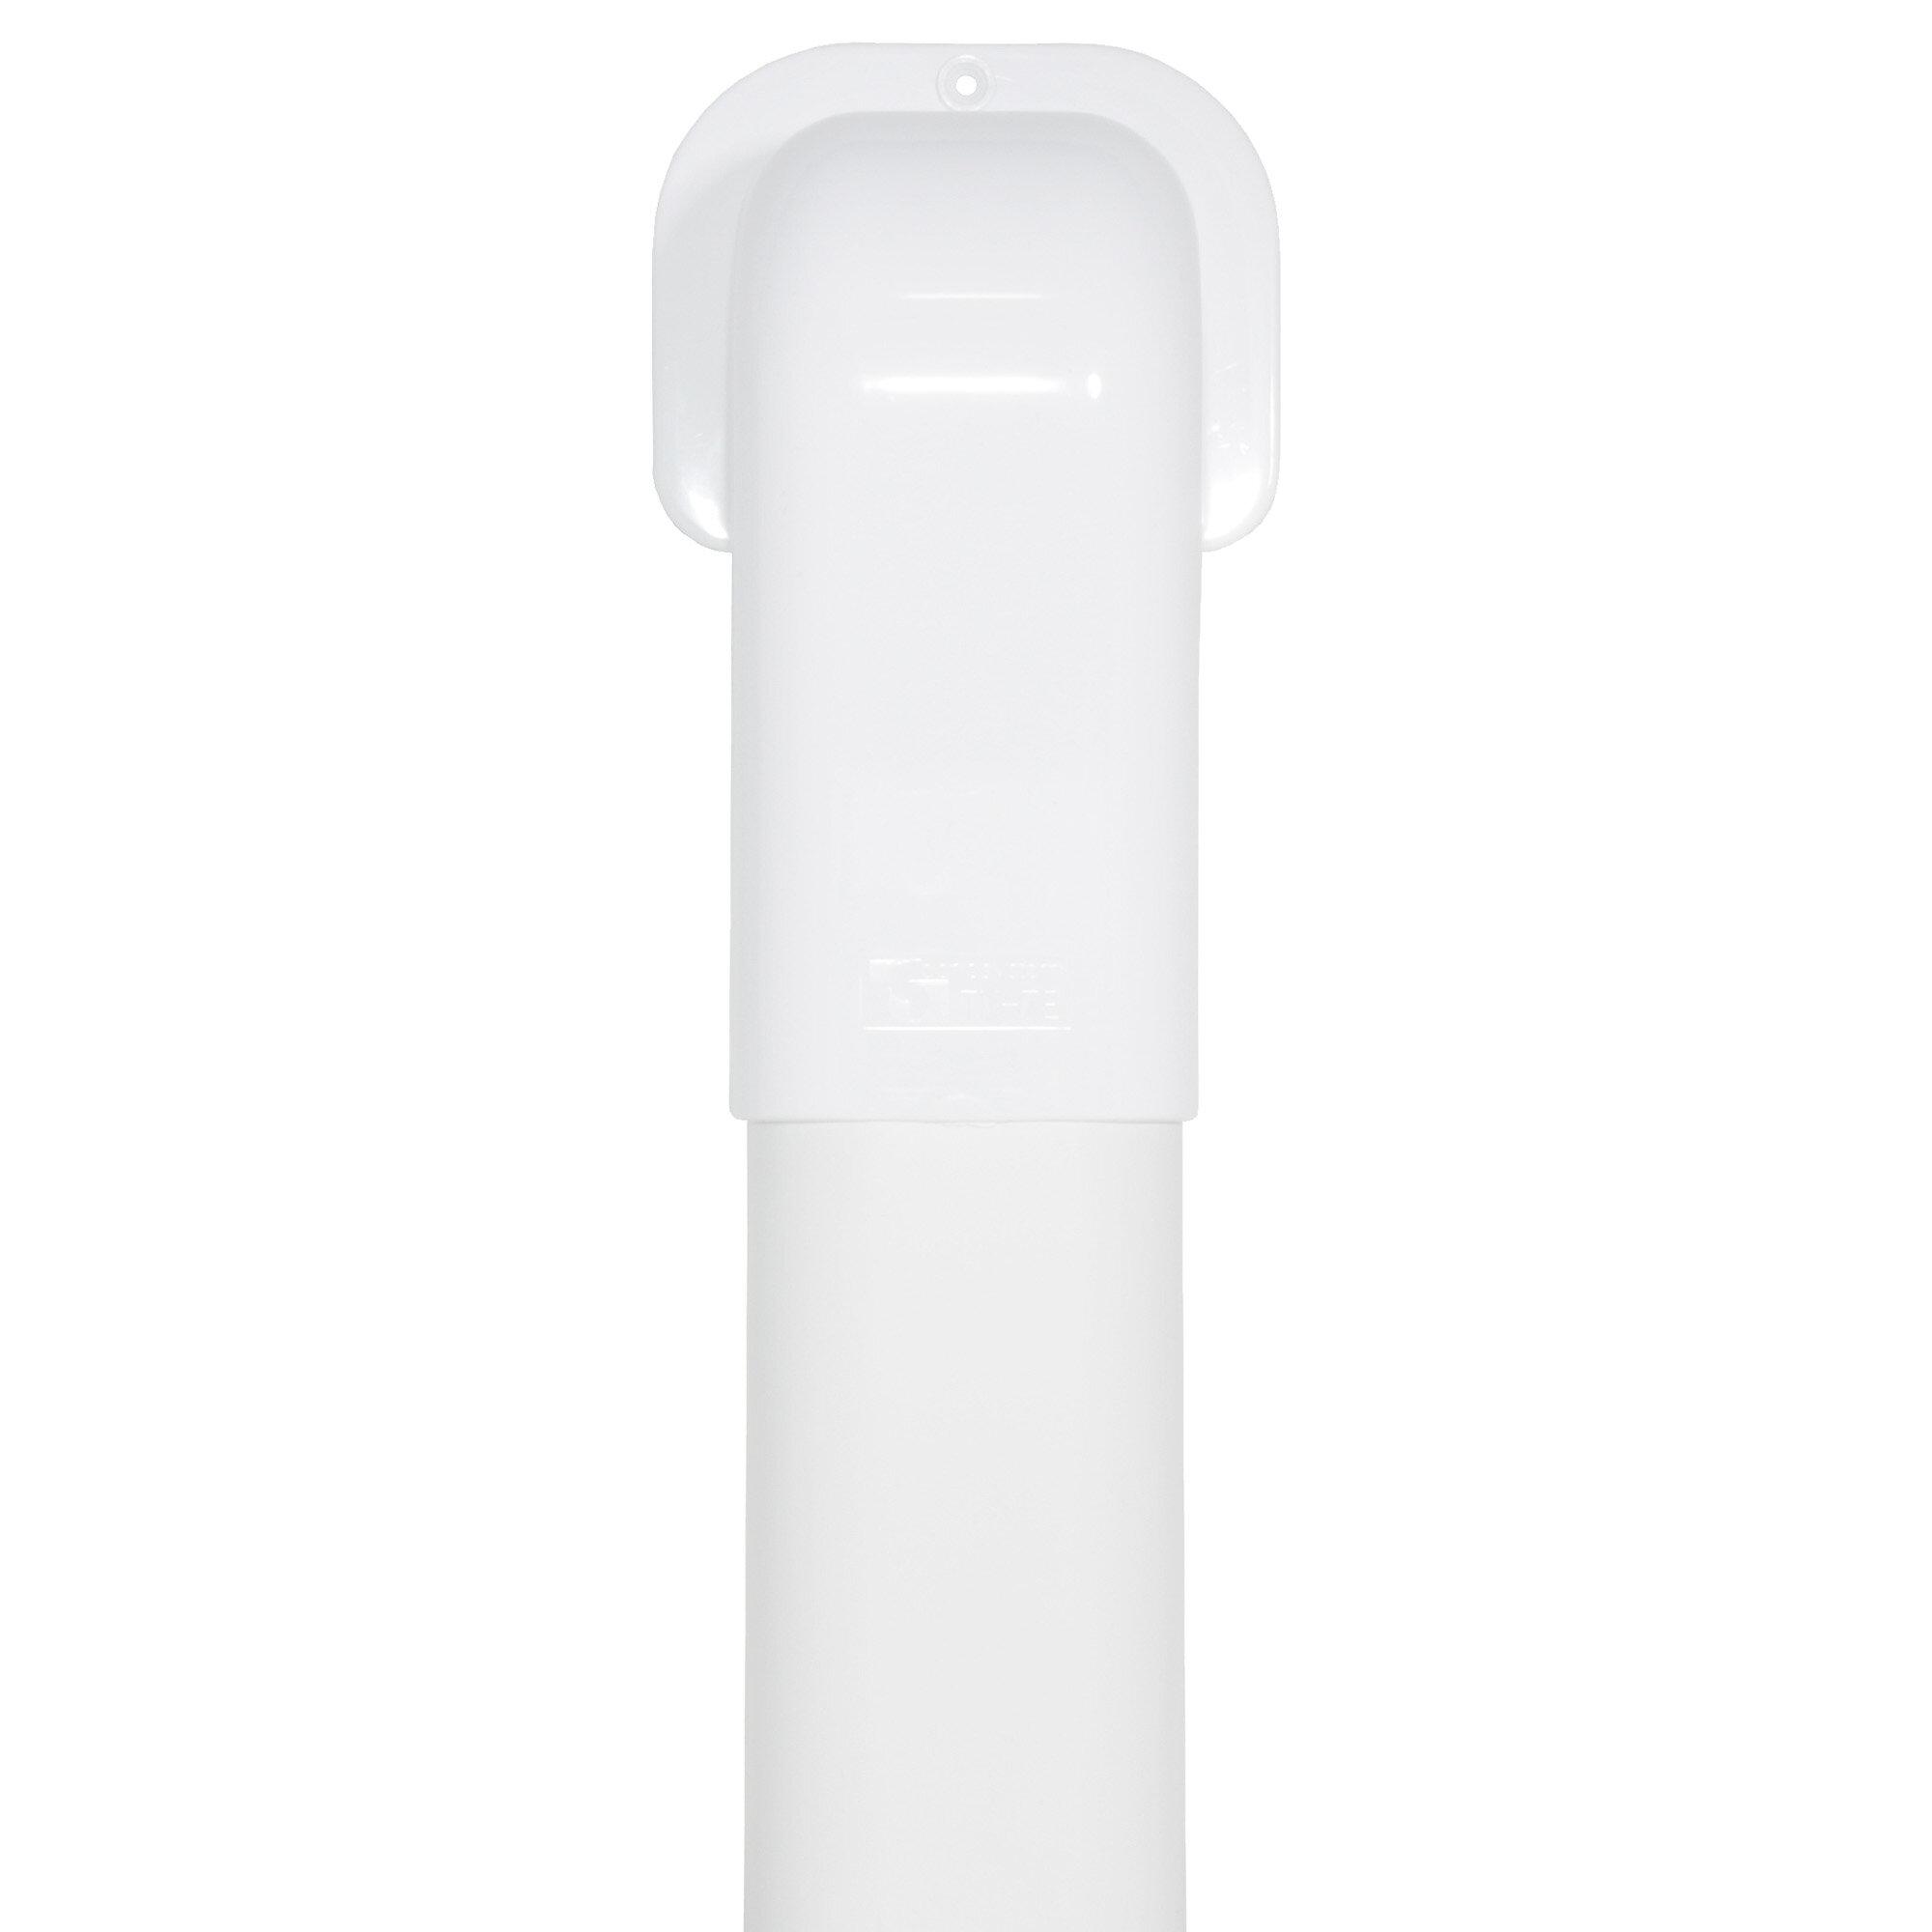 10237 Kanalsystem f/ür K/ältemittelleitungen 2 Meter Kanal TB 72 EXC